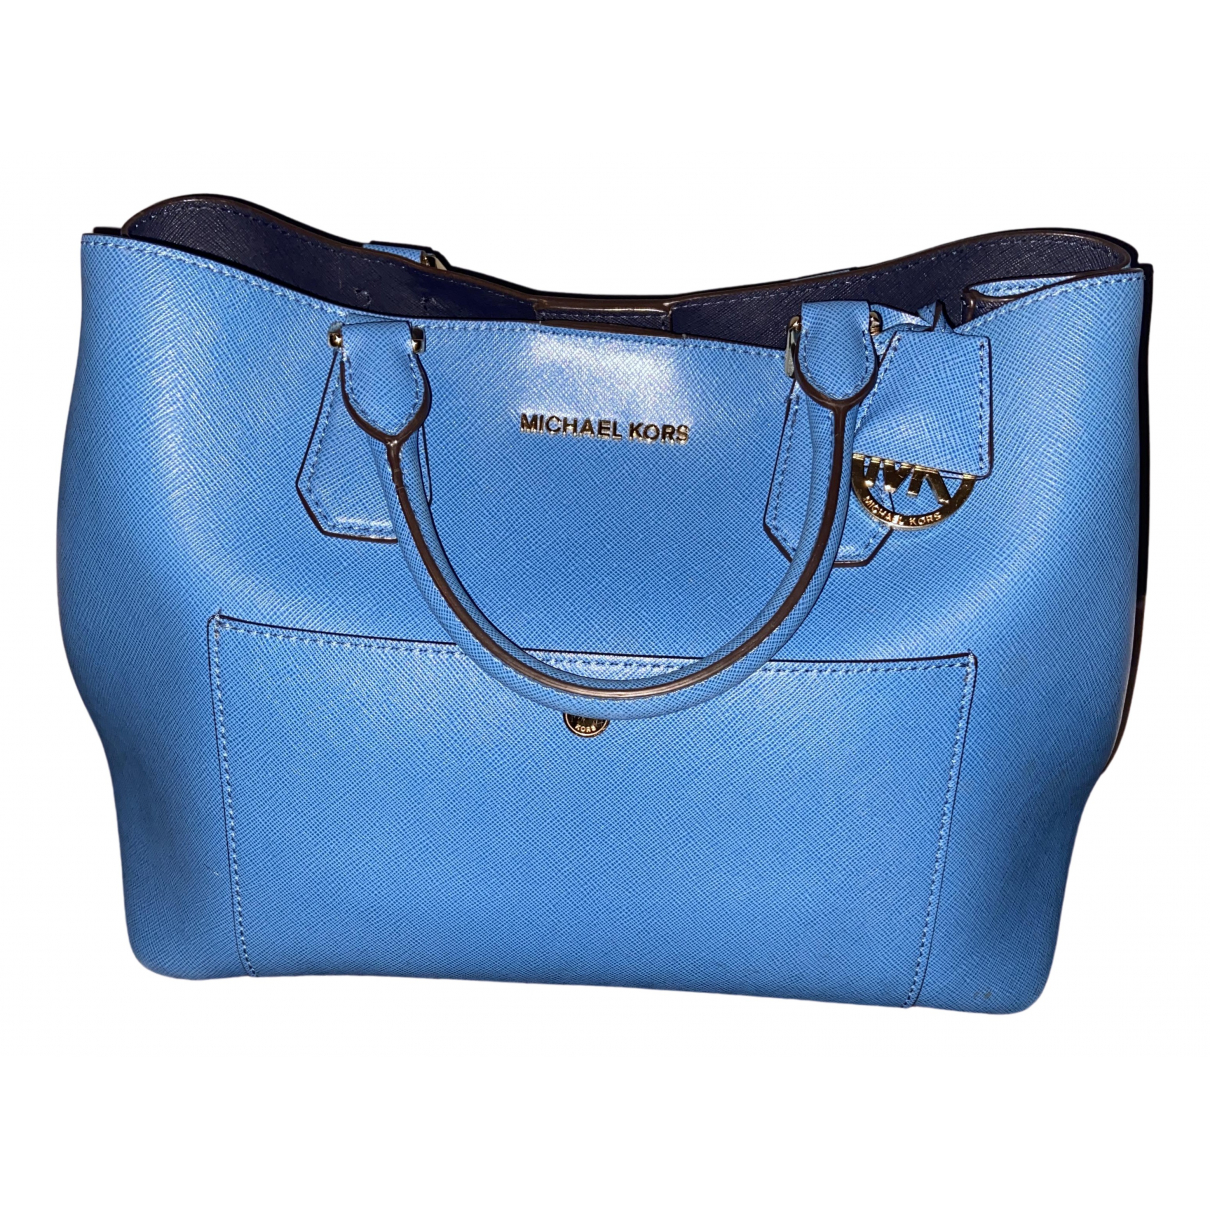 Michael Kors - Sac a main   pour femme en cuir - bleu